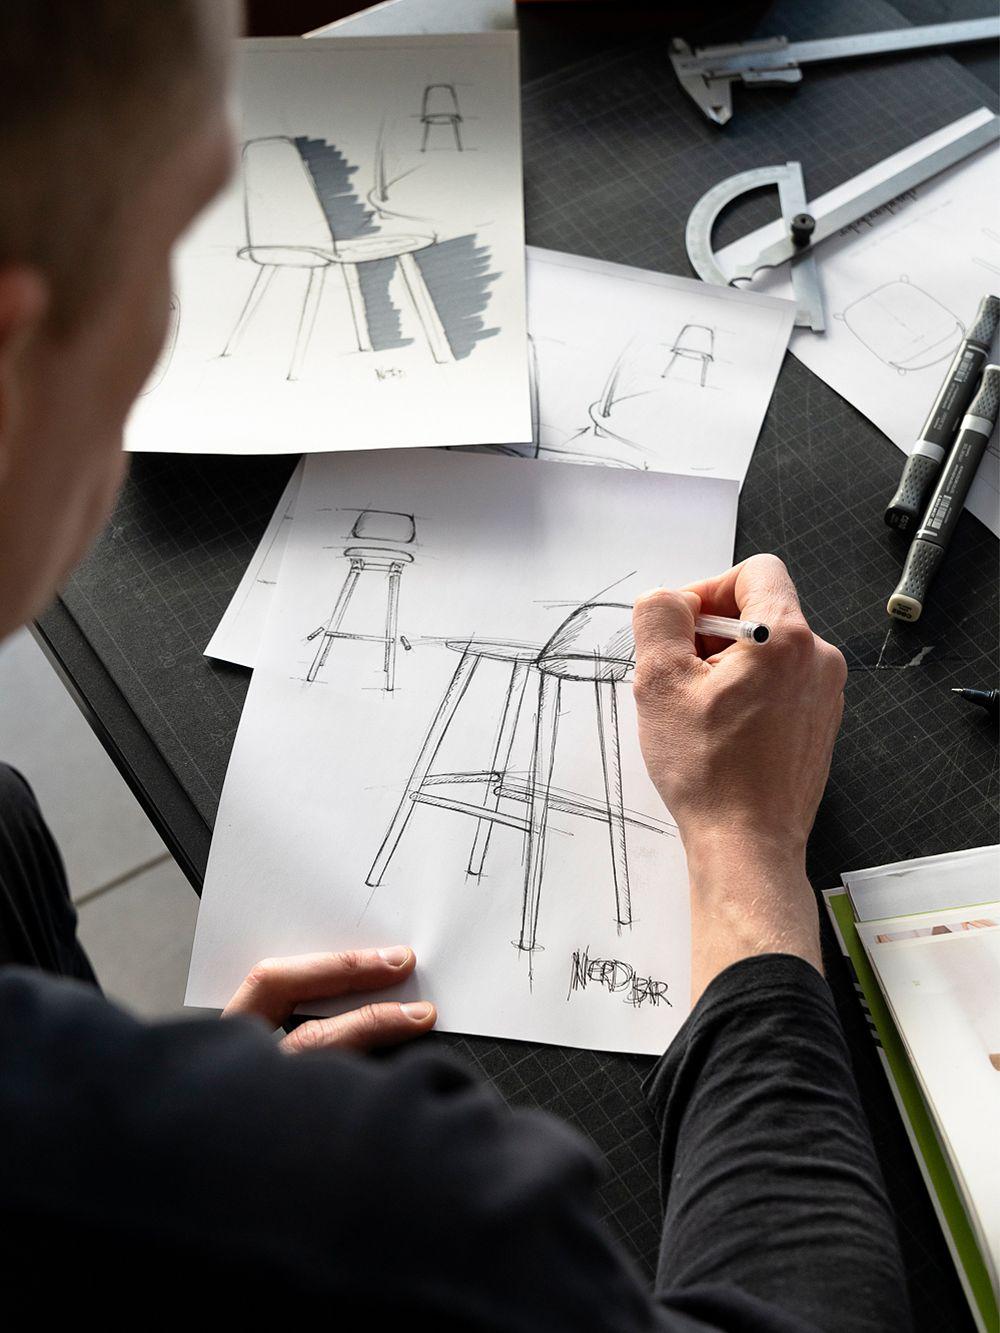 David Geckeler piirtopöytänsä ääressä hahmottelemassa luonnosta Nerd-baarituolista.